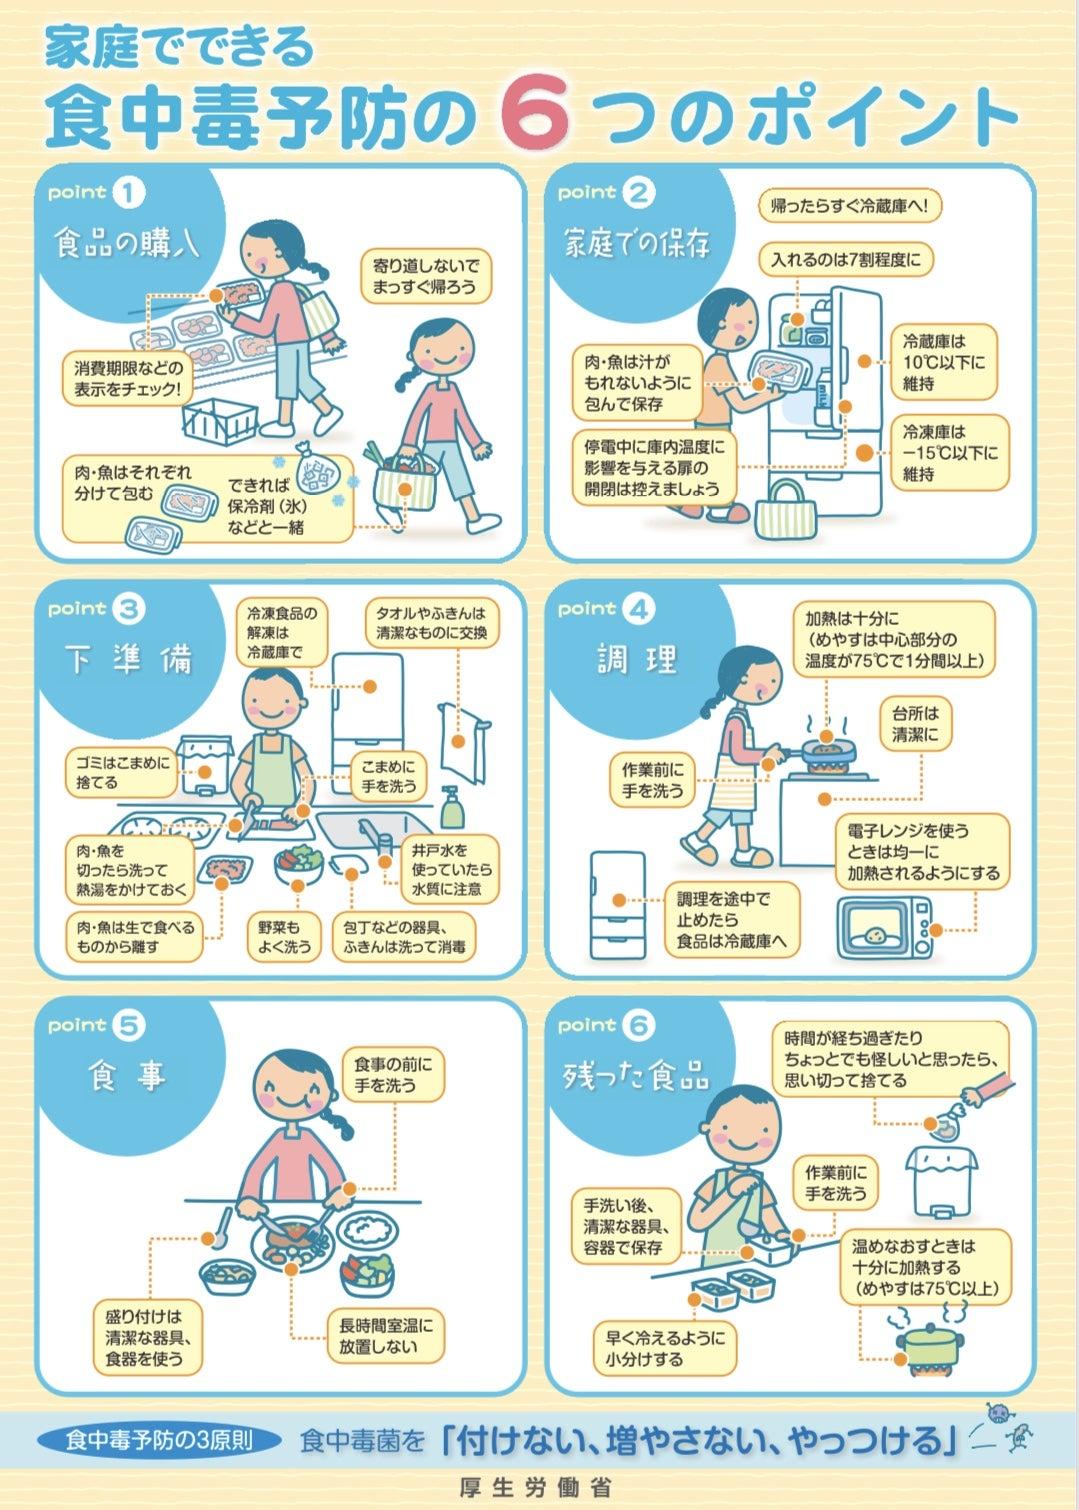 食中毒警報!! | 札幌マタニティウイメンズホスピタルのひだまりブログ